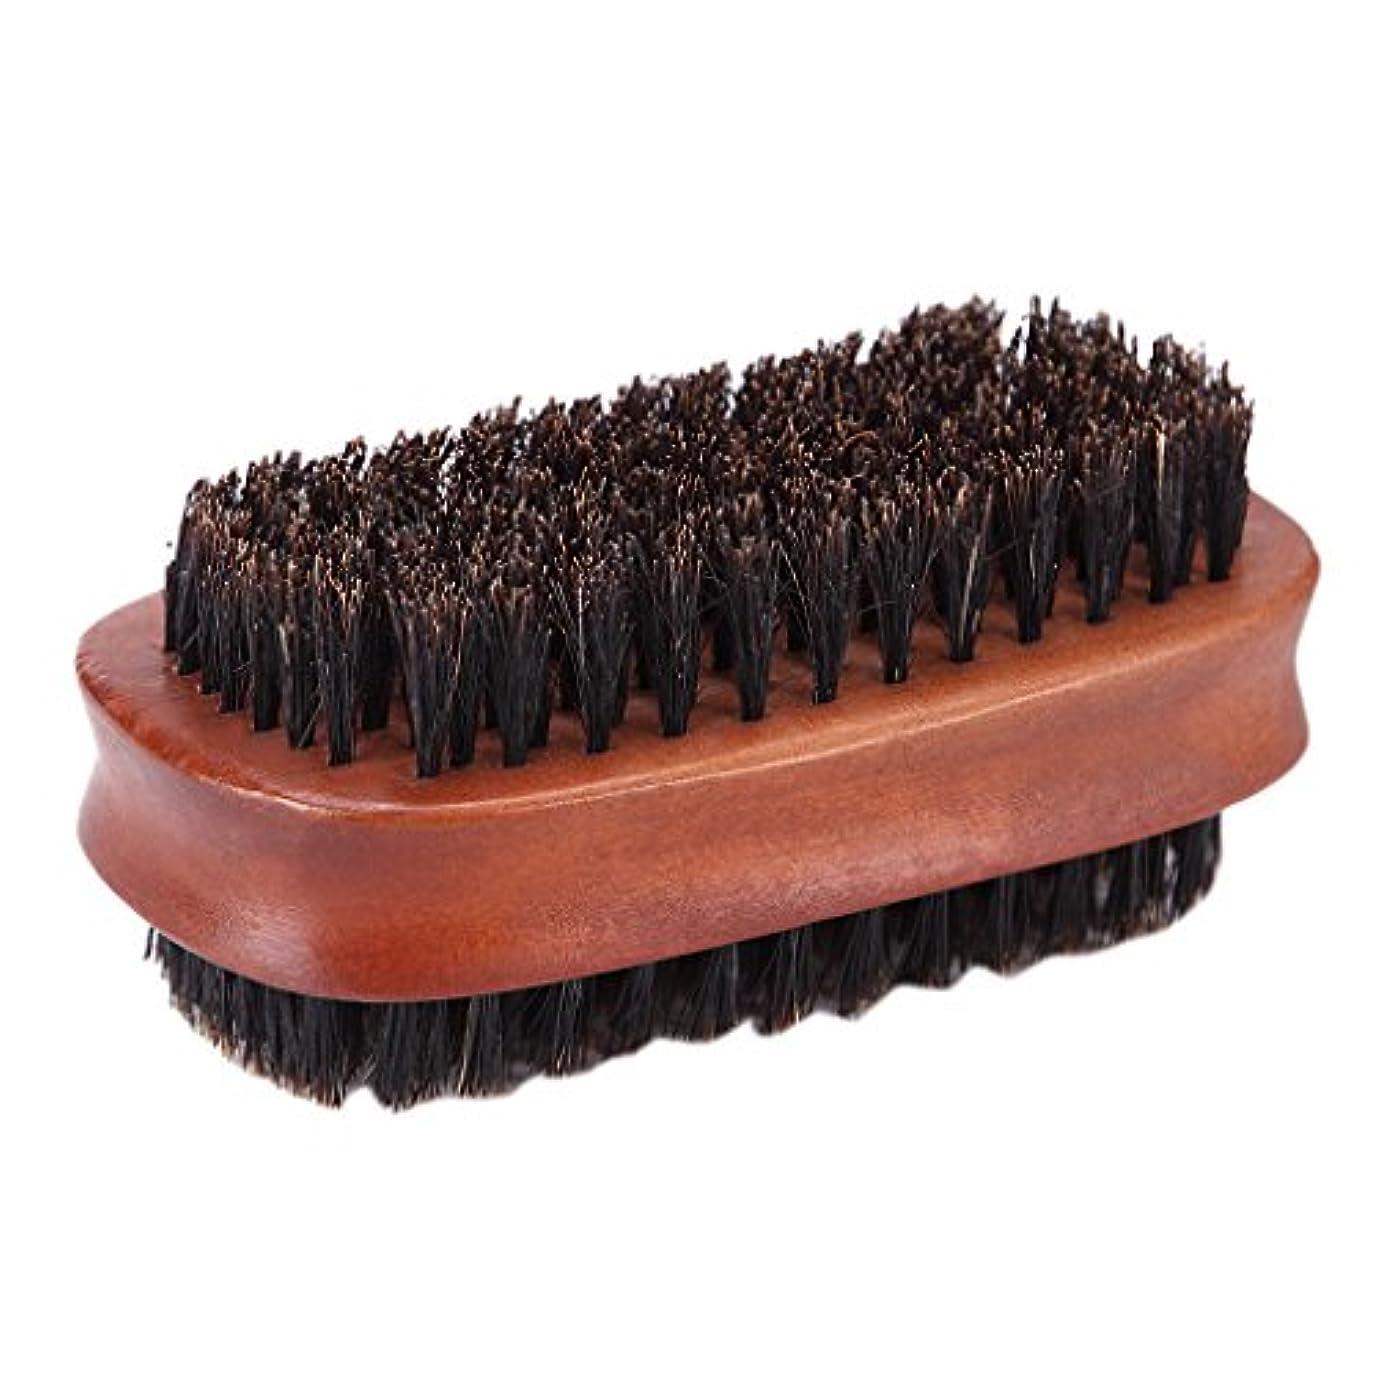 定規納税者勉強するHomyl ヘアカット ダスターブラシ 両面ブラシ サロン 散髪 ヘアカット 柔らか 使いやすい